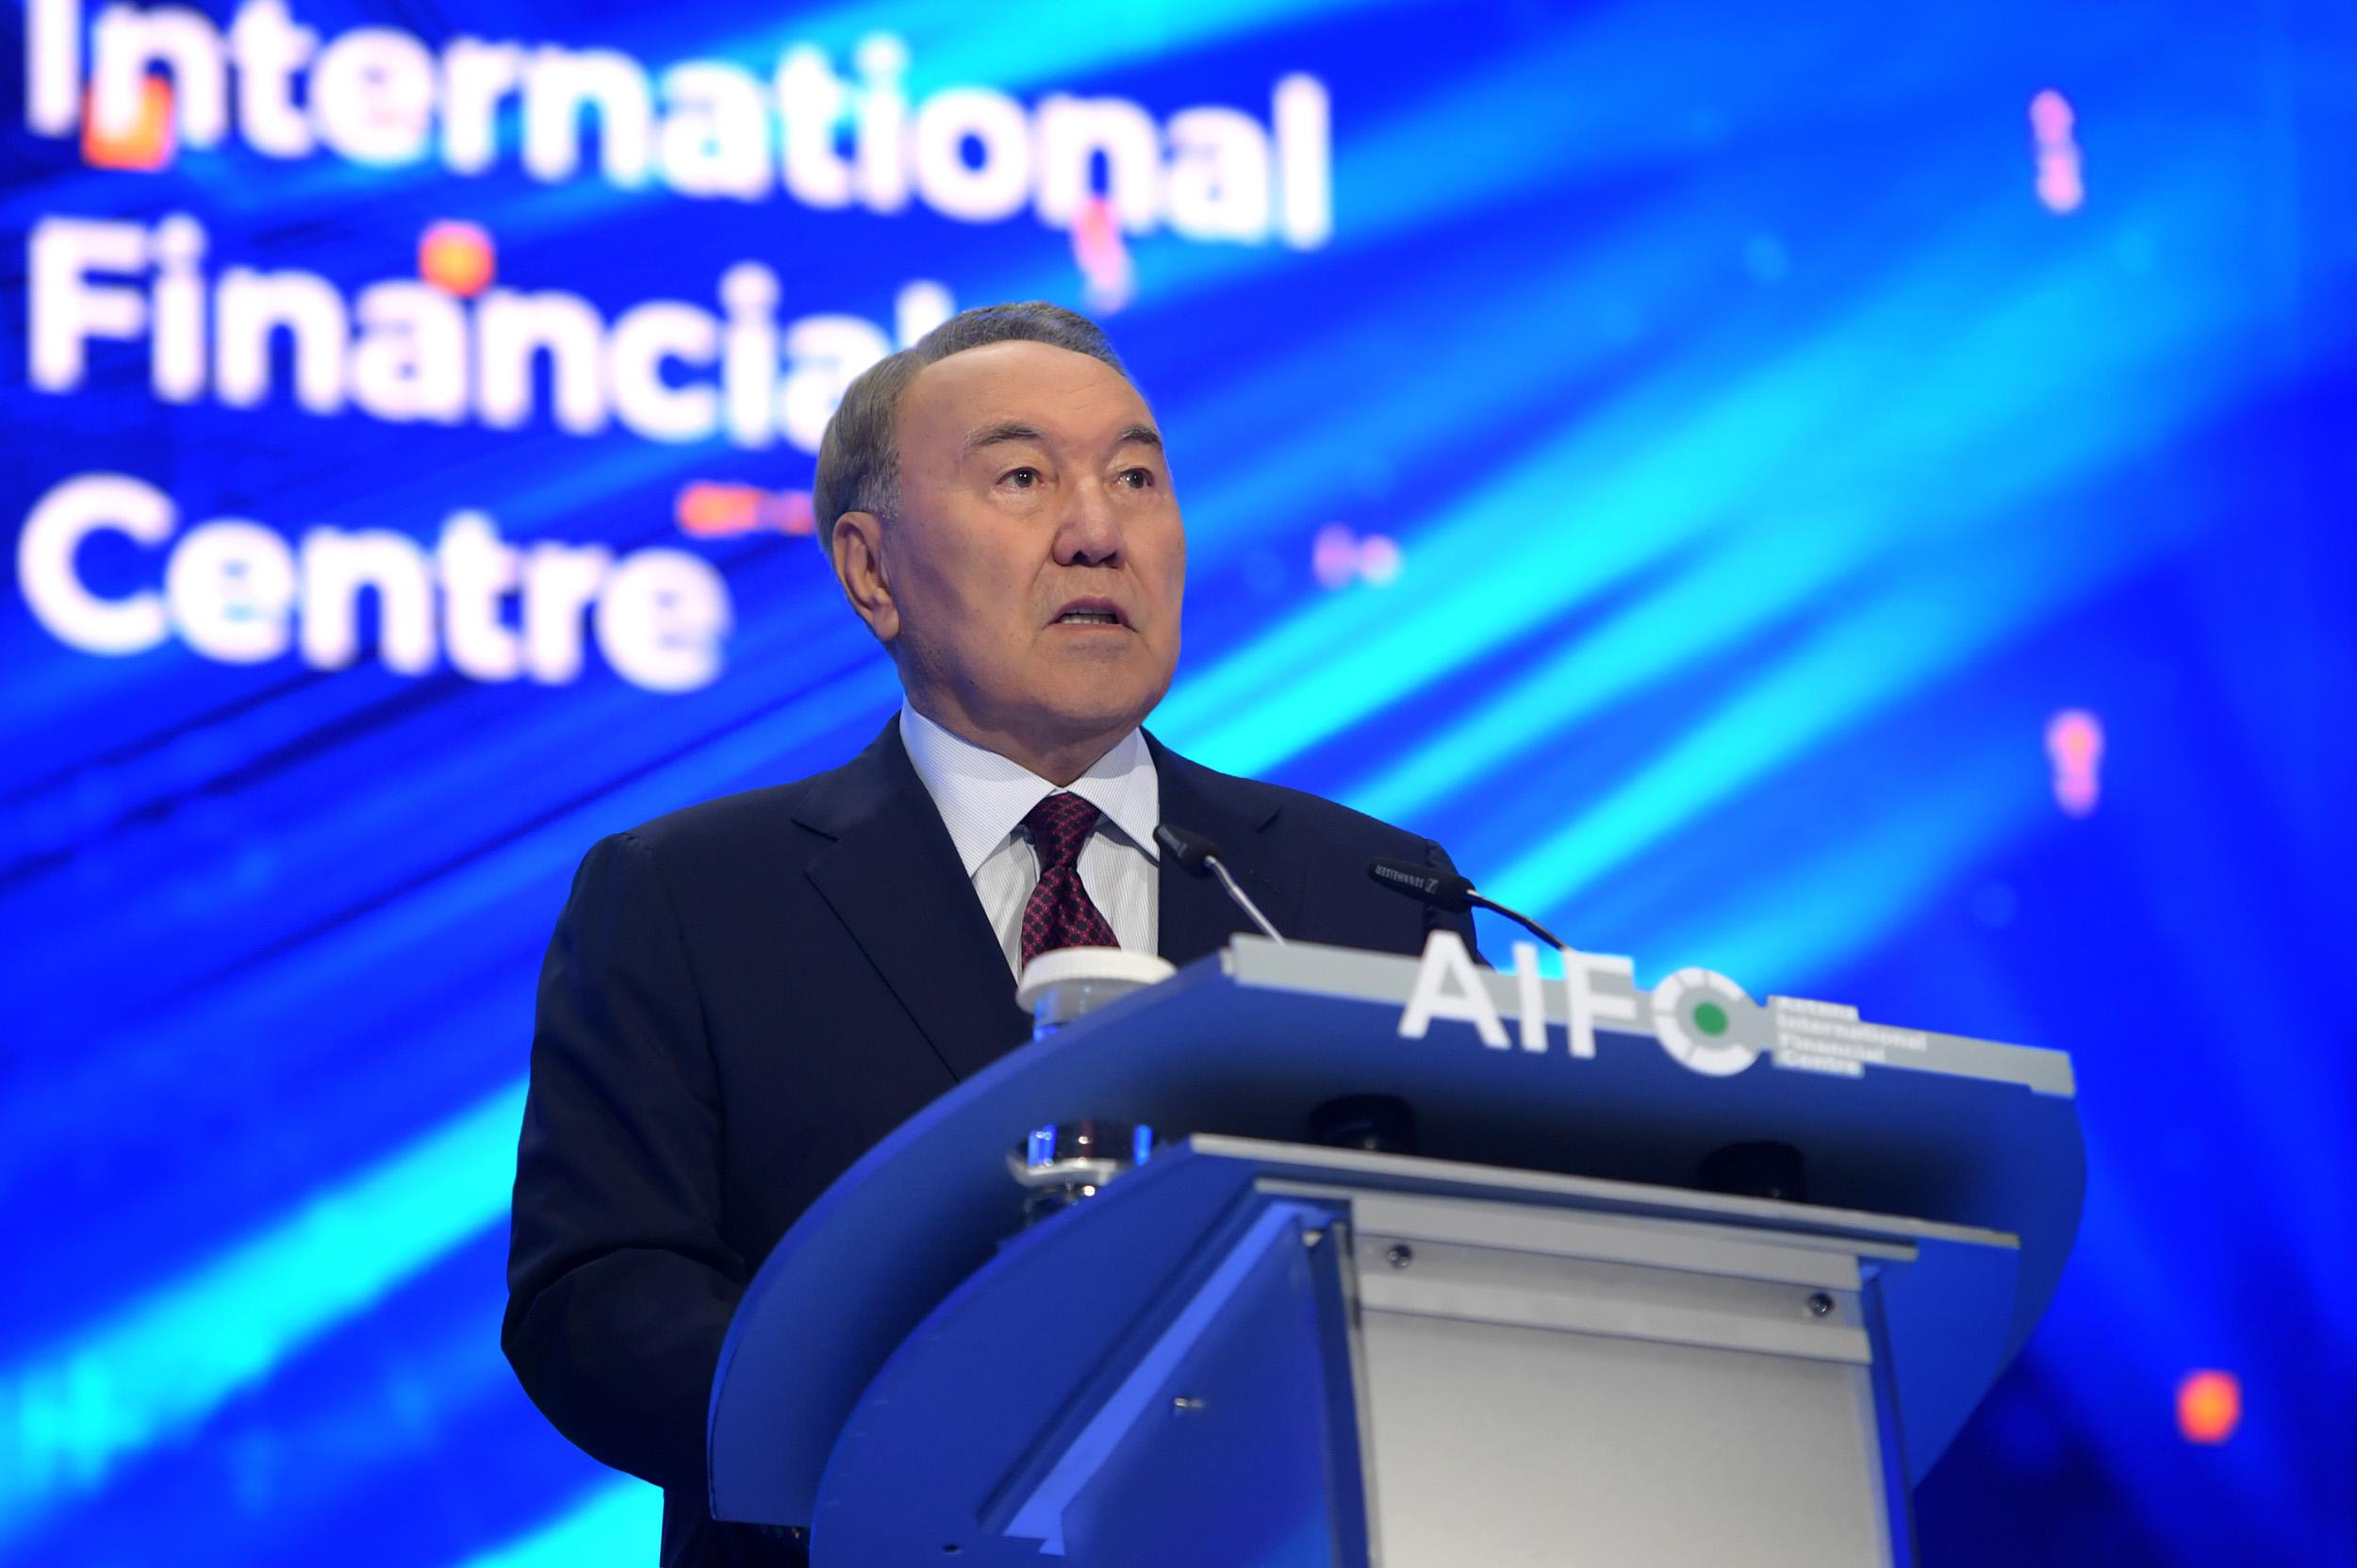 Нурсултан Назарбаев принял участие в церемонии открытия Международного финансового центра «Астана»